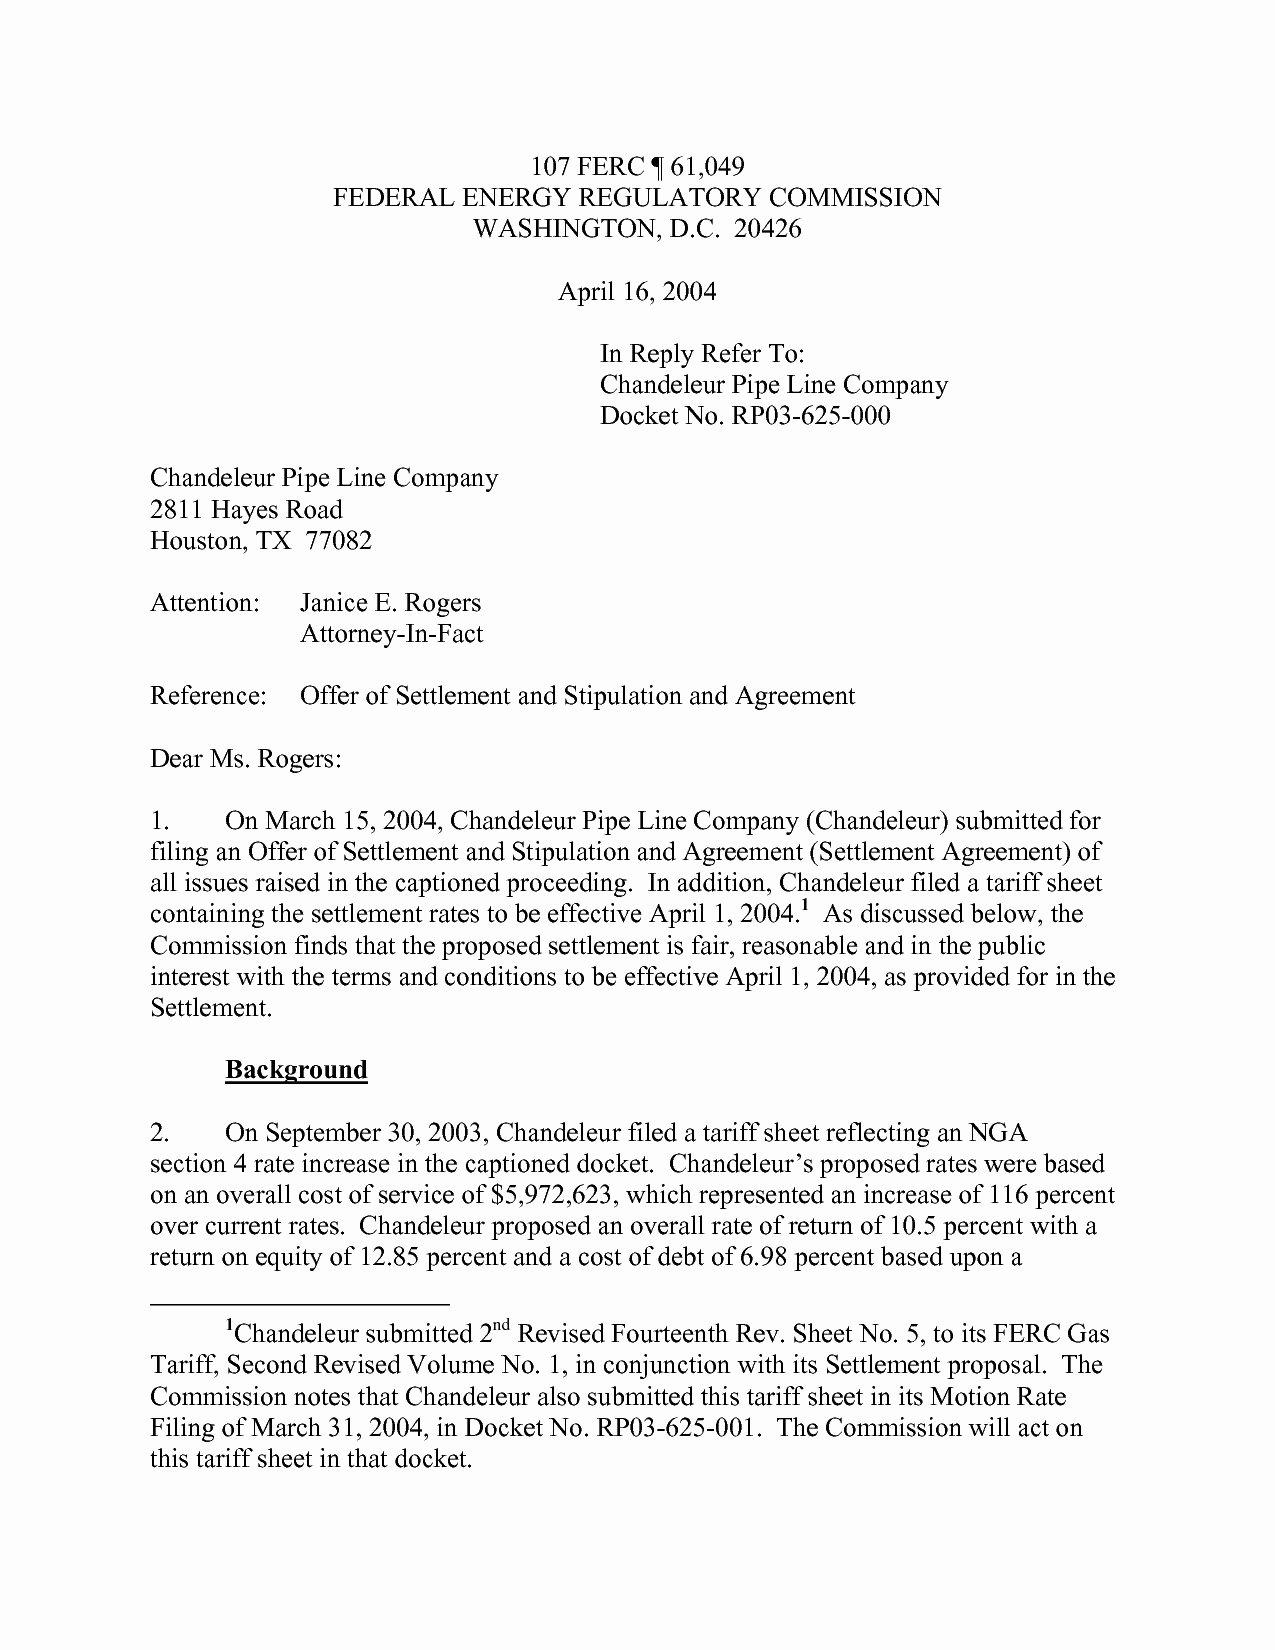 Car Accident Settlement Agreement Letter Elegant Legal Settlement Fer Letter Template Sample